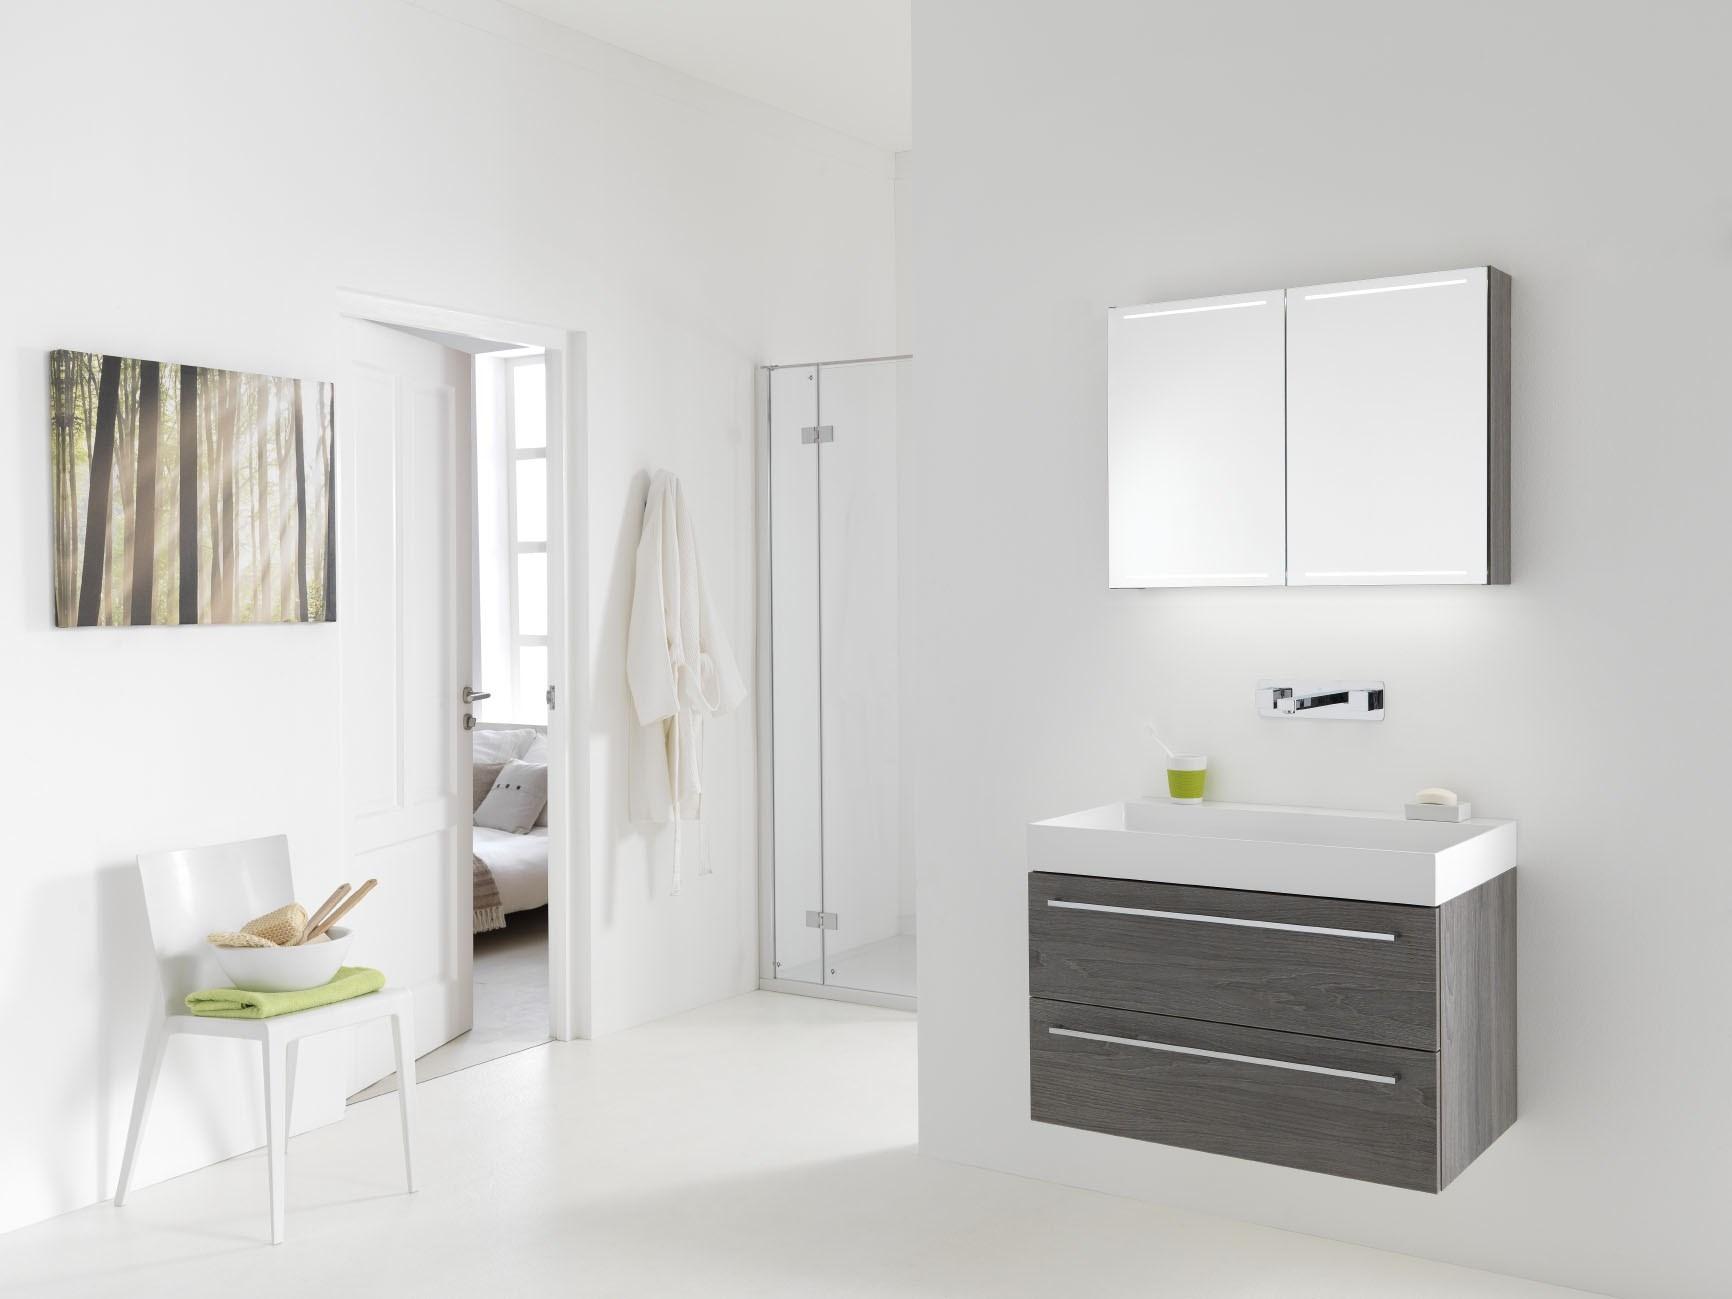 Badkamermeubel houtkleur met Deluxe spiegelkast Nuance